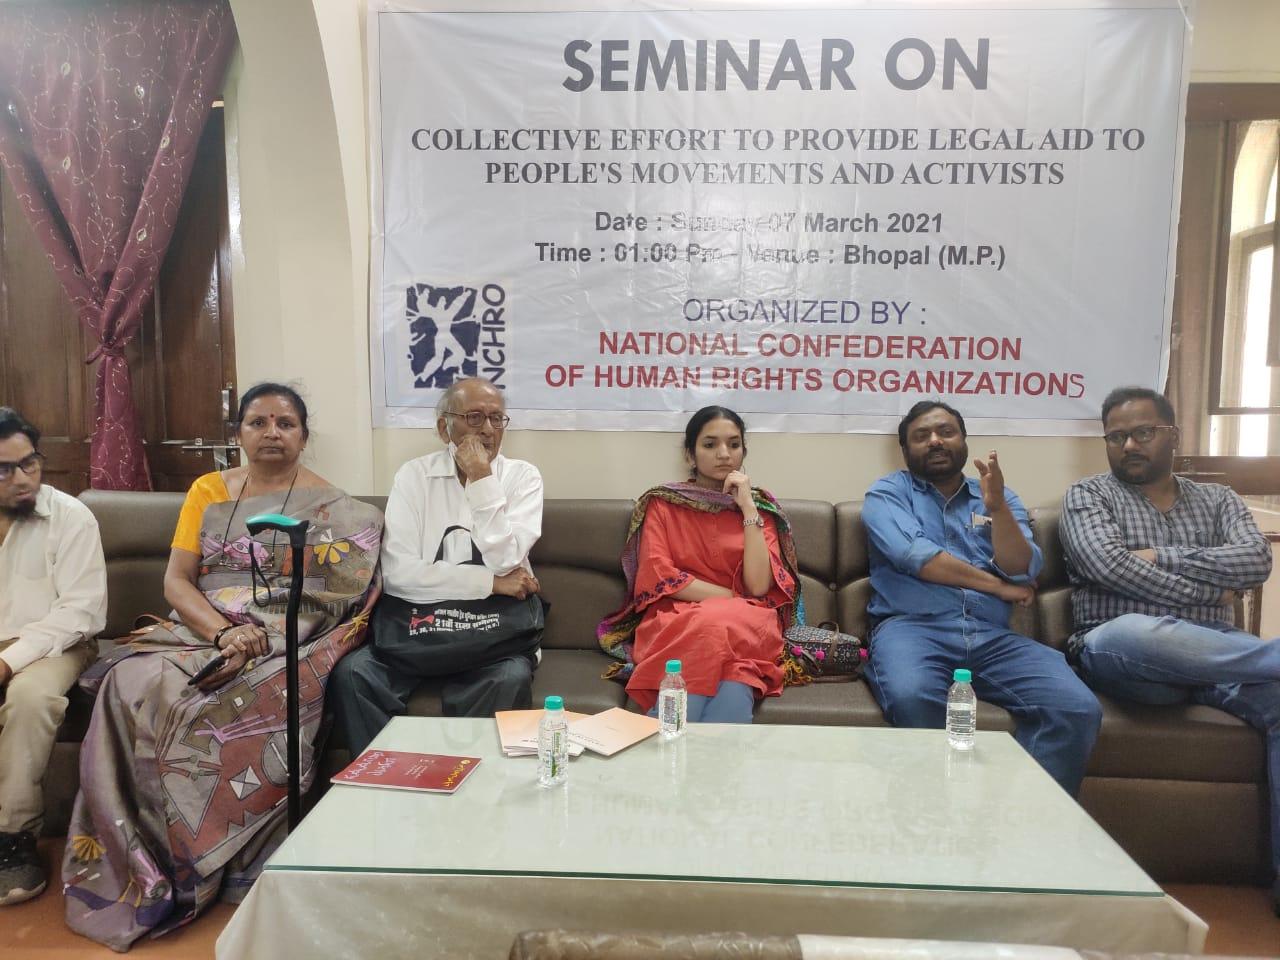 NCHRO Seminar